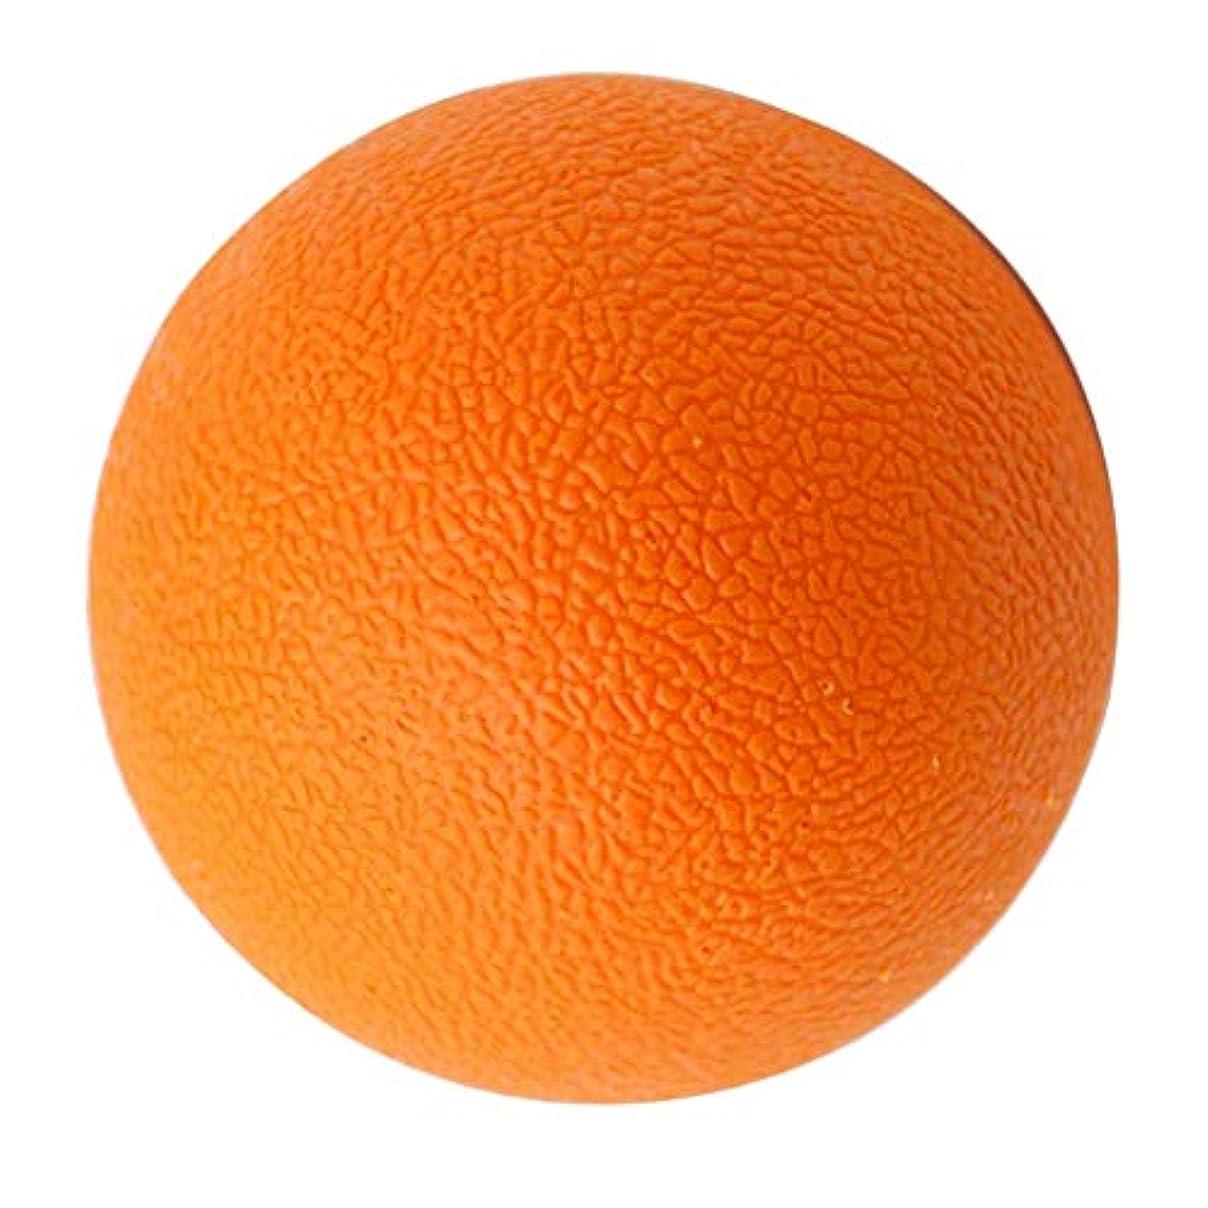 無意識うぬぼれた解放するラクロスボール マッサージボール トリガーポイント 筋膜リリース 背中 首 ツボ押しグッズ オレンジ